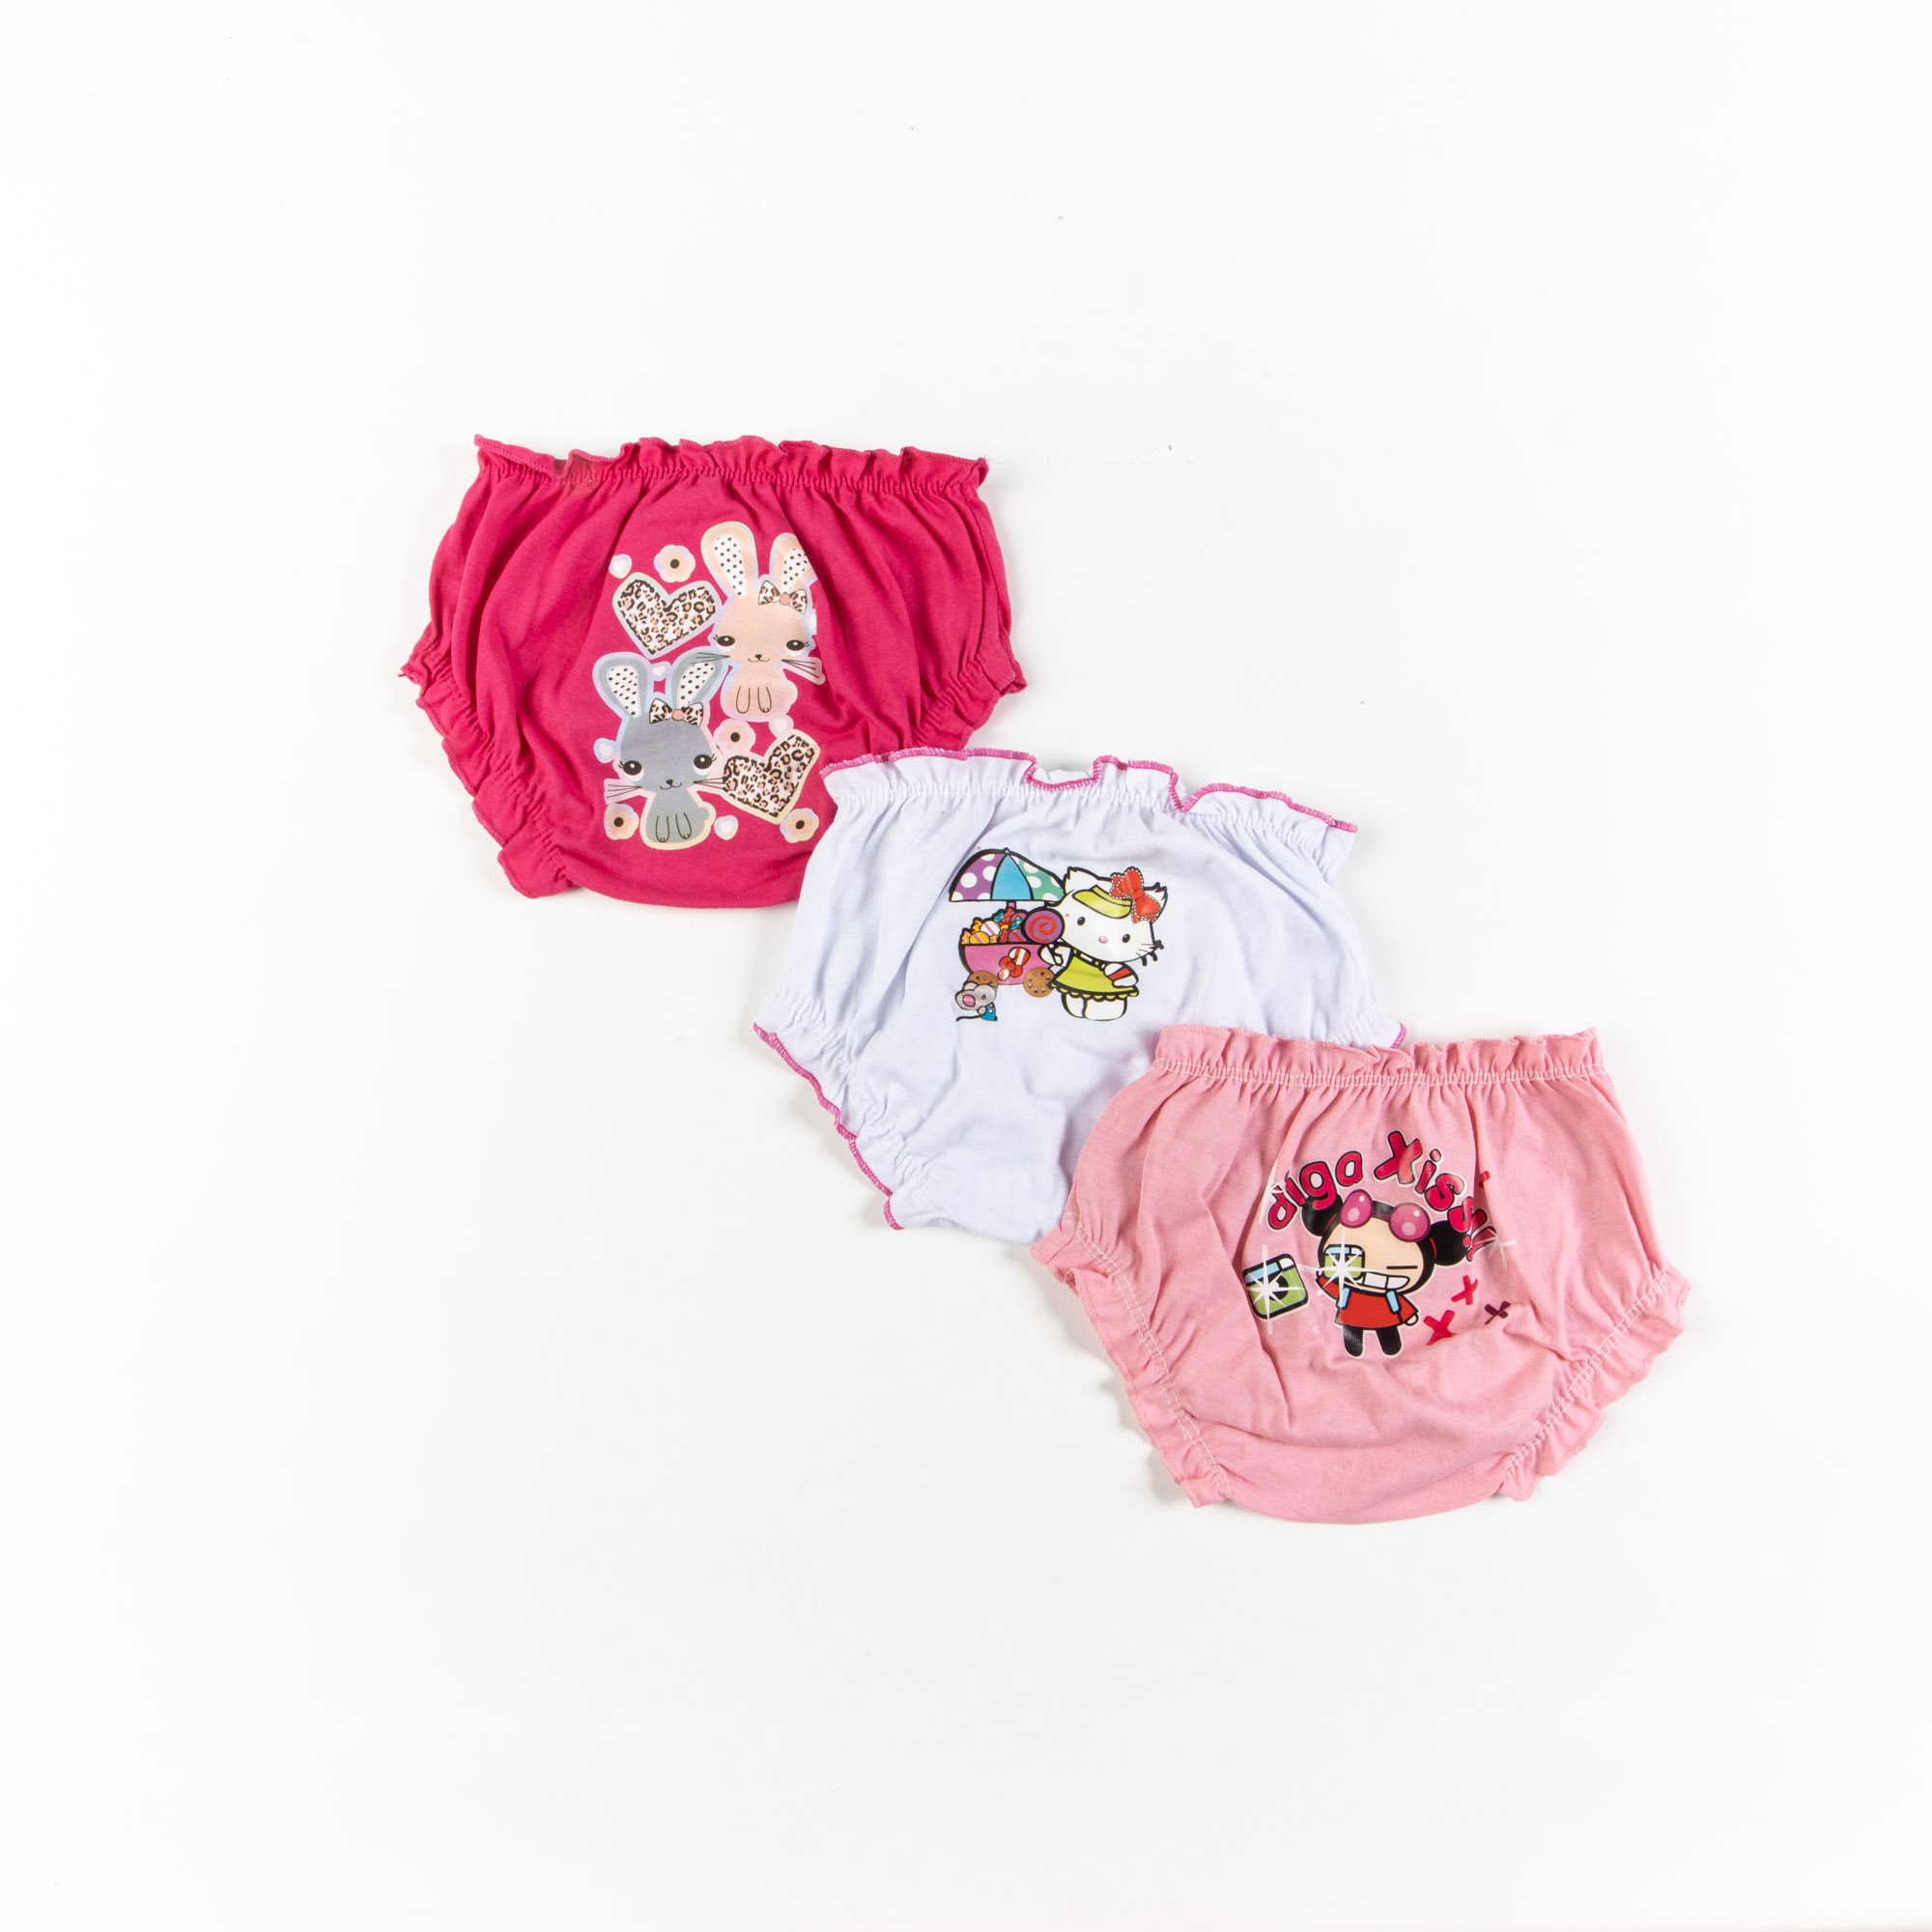 Kit 3 Calcinhas Tapa Fralda Com Desenhos Infantil